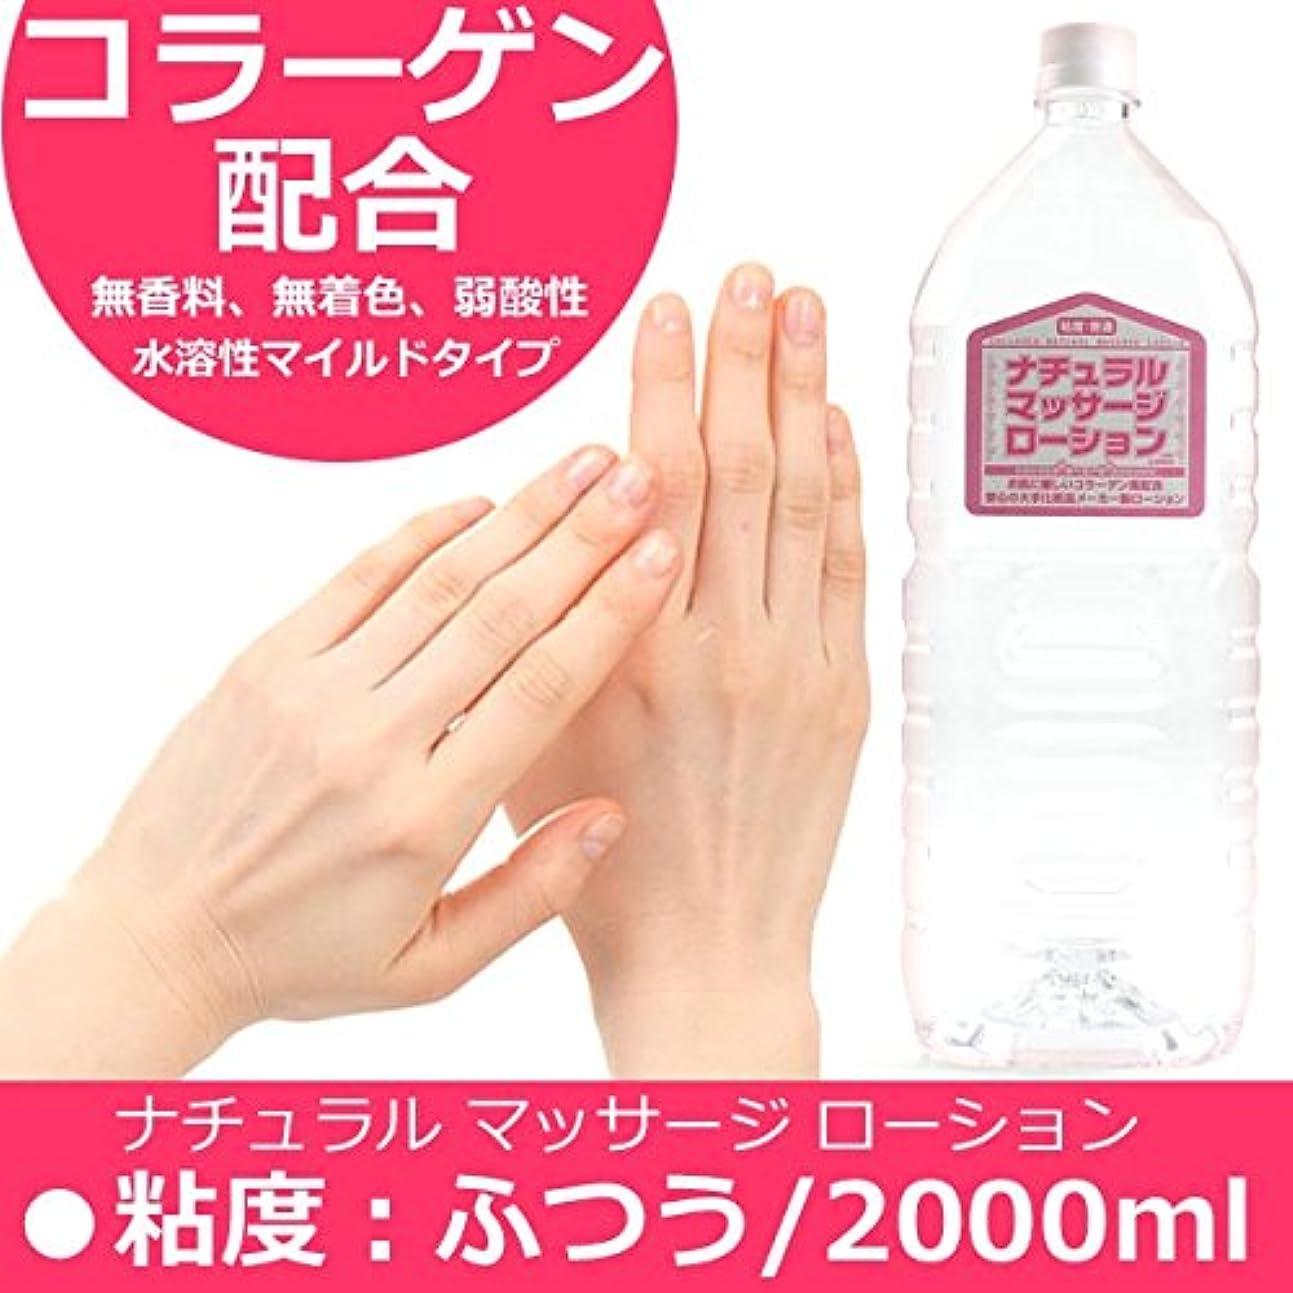 チーター衰えるコークスナチュラルマッサージ ローション 2000m 業務用の詰替えにも!!